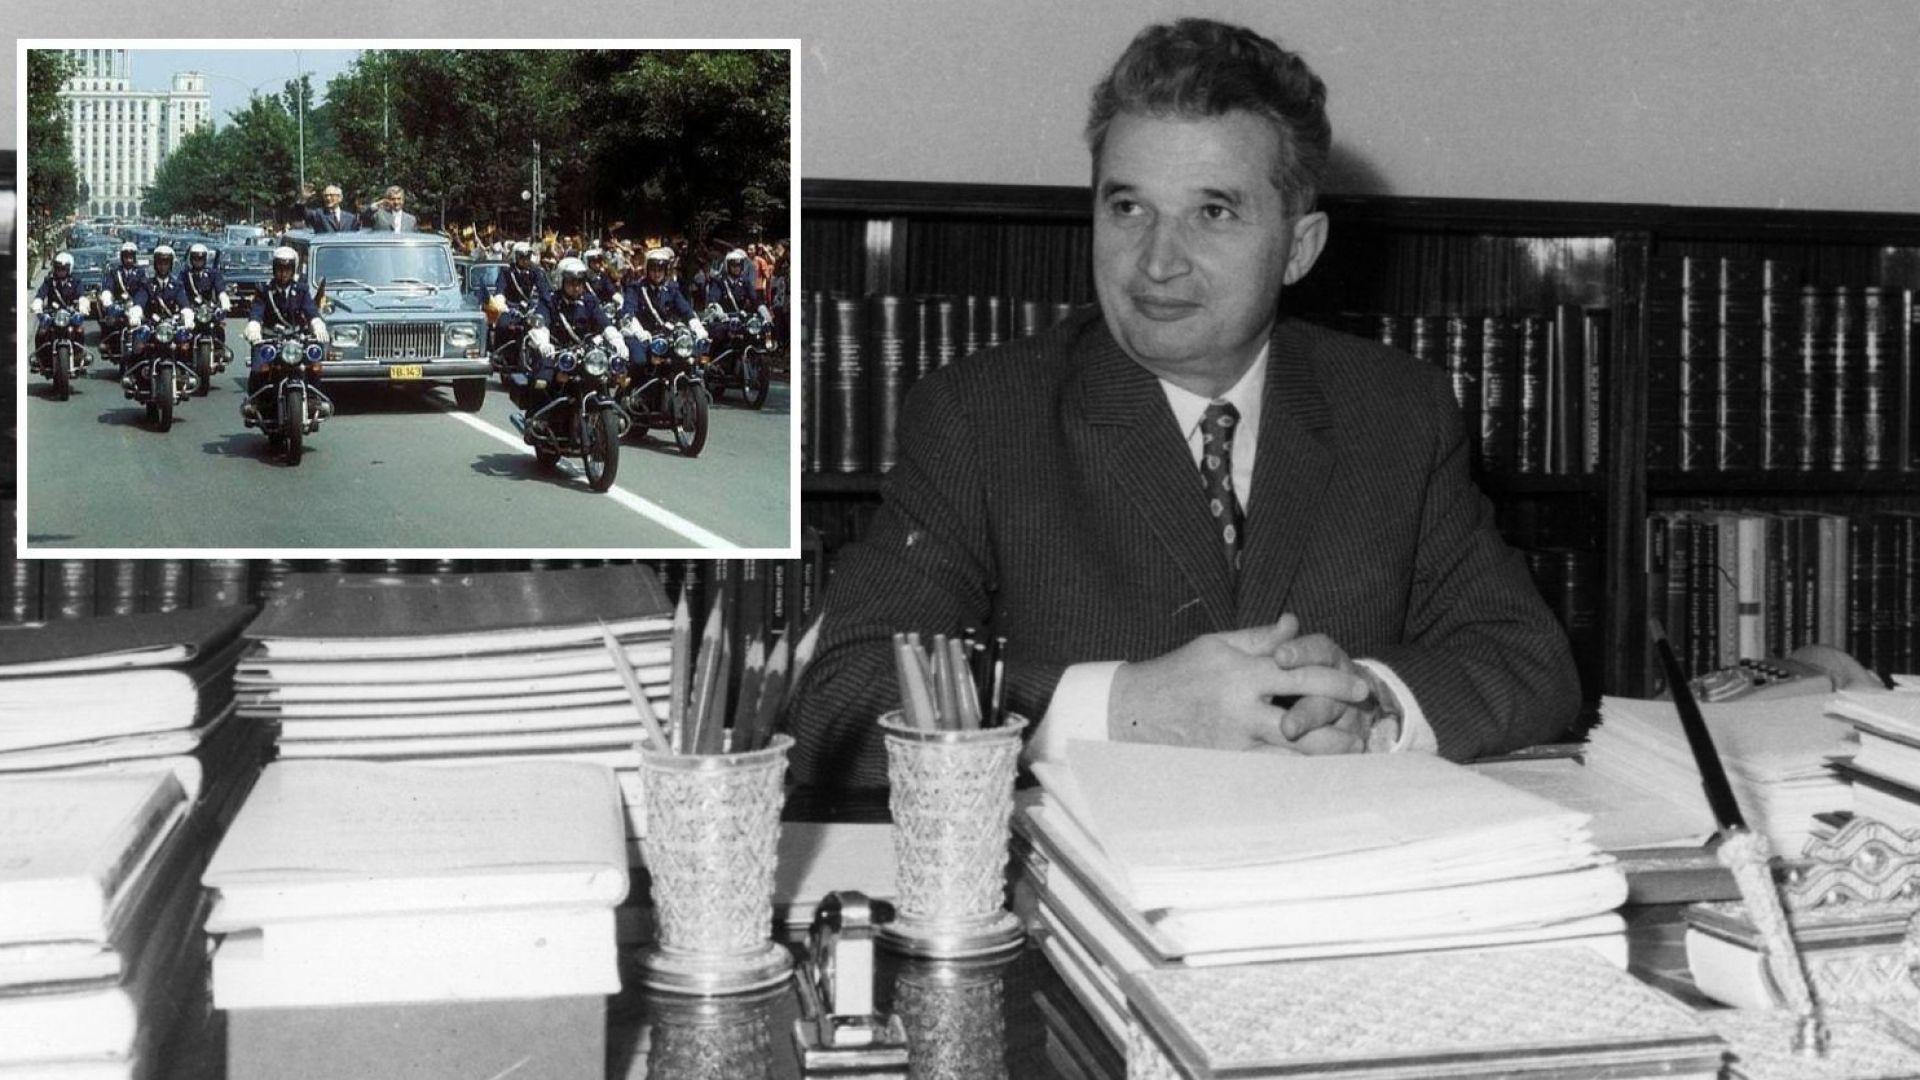 Румънската данъчна служба ще направи нов опит да продаде на търг джипа на Чаушеску